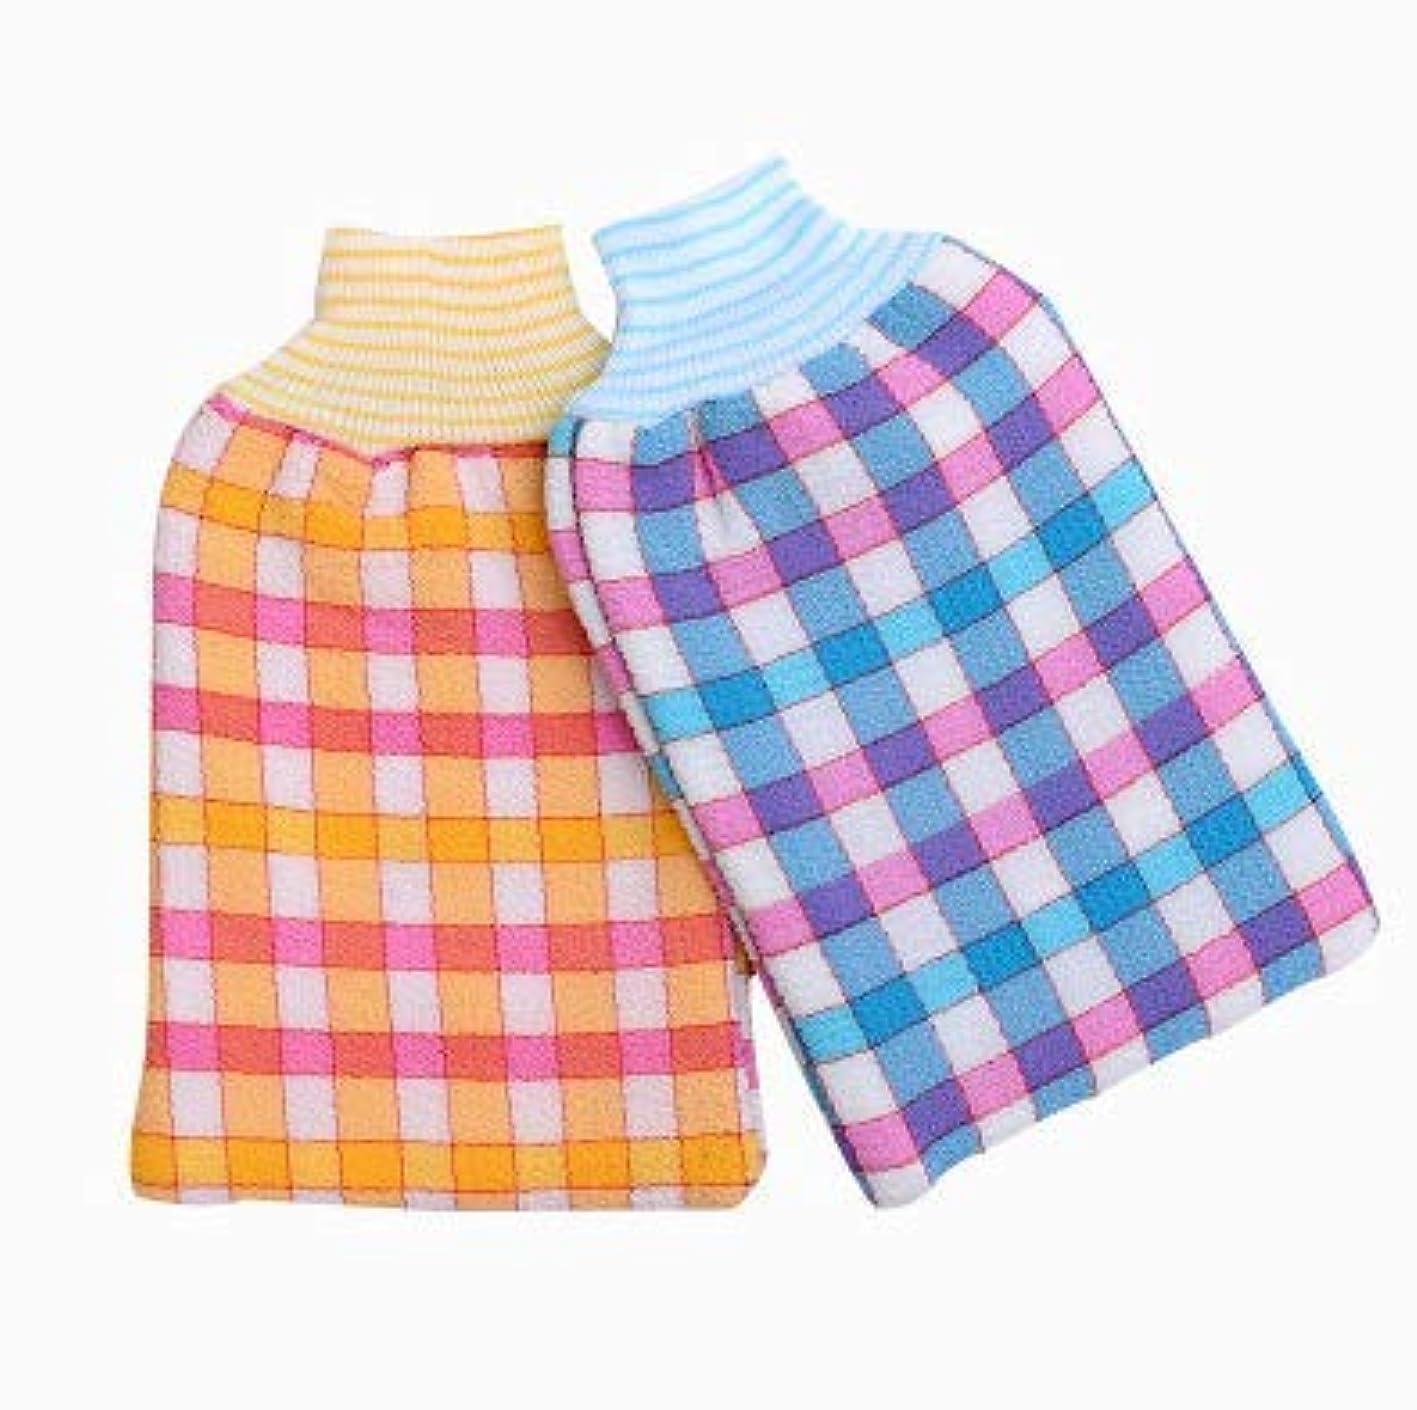 不適切なパラメータ拾うDhe シャワーグローブ 浴用手袋 バス手袋 入浴用品 毛孔洗浄 肌マッサージ